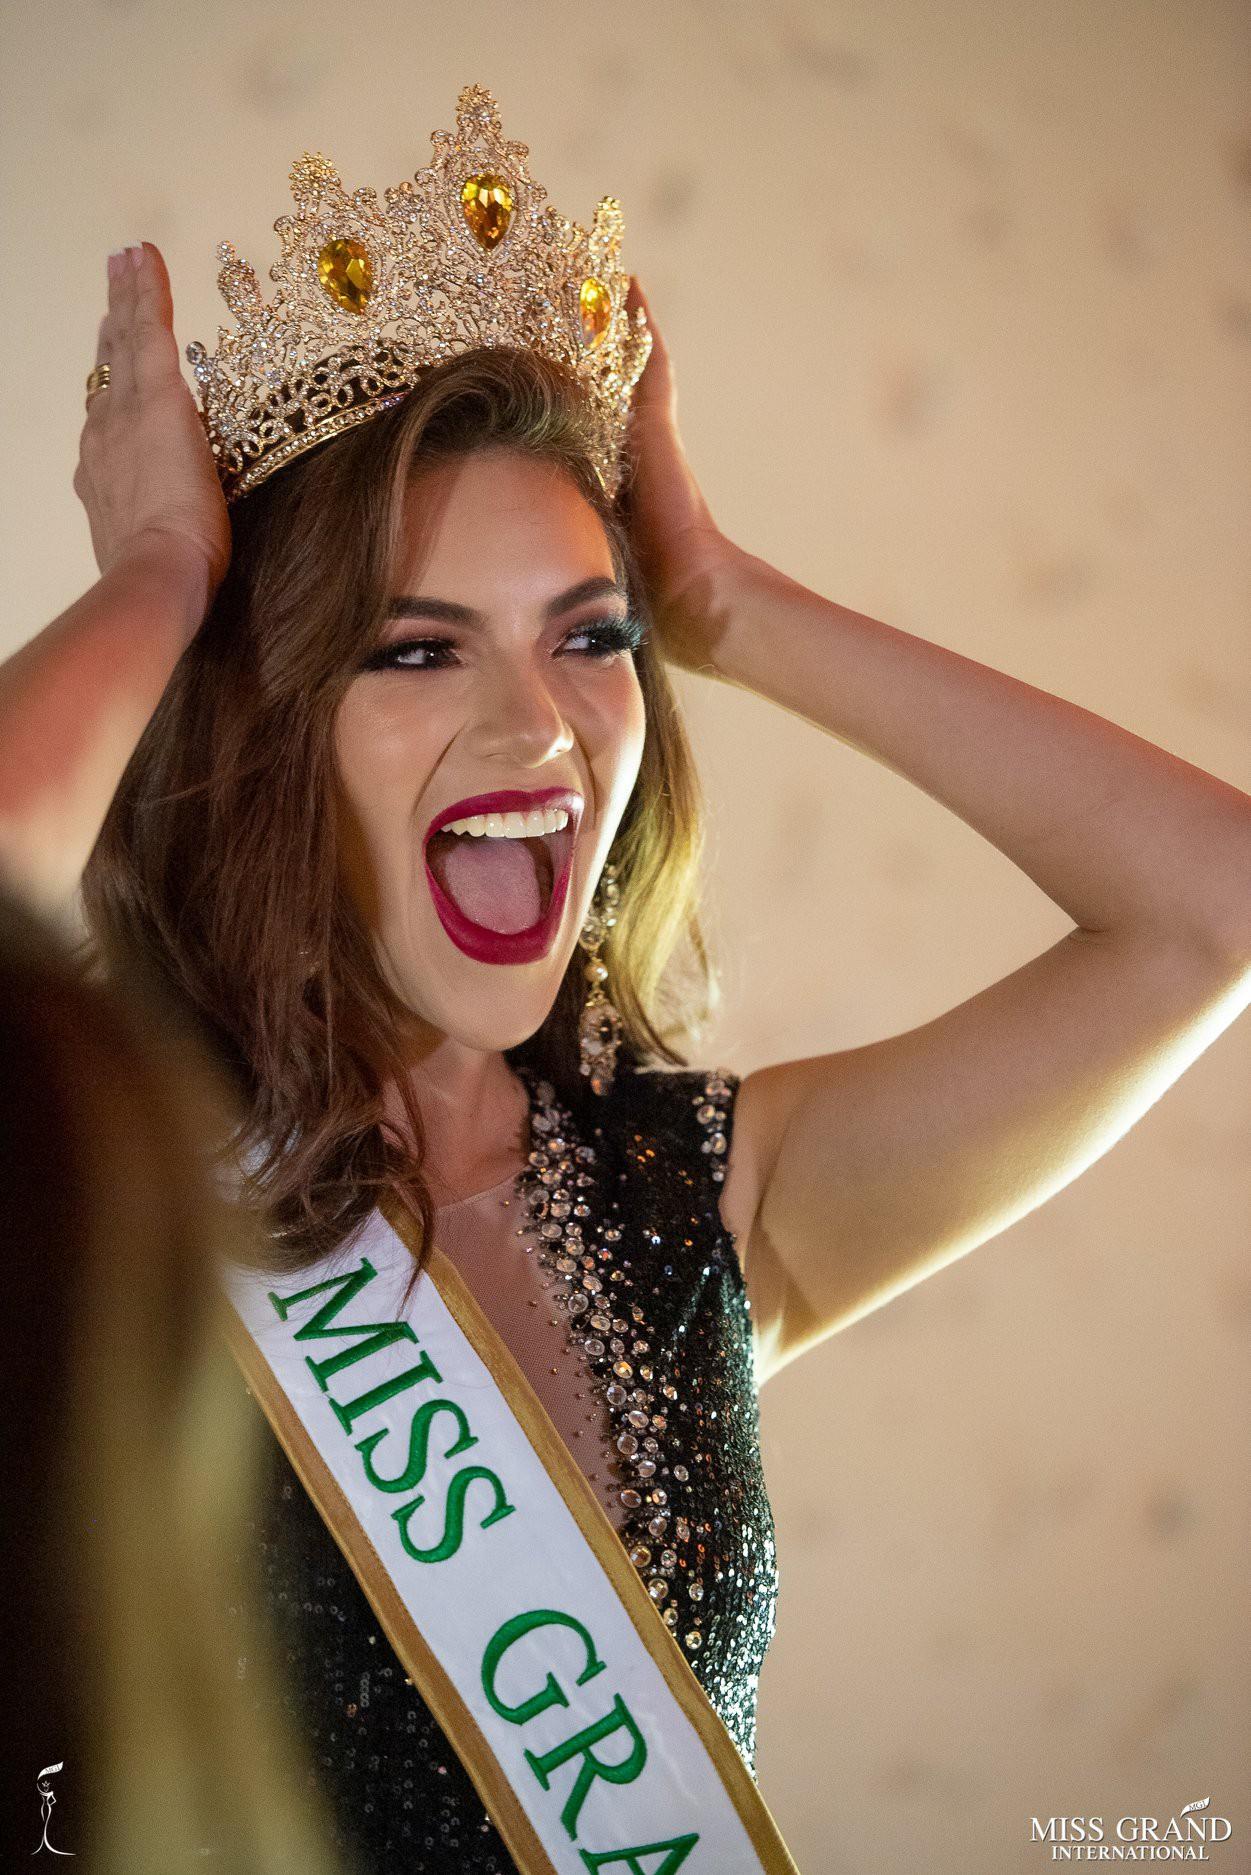 Nhan sắc rực rỡ của Hoa hậu Hòa bình Ecuador 2019  - Ảnh 6.